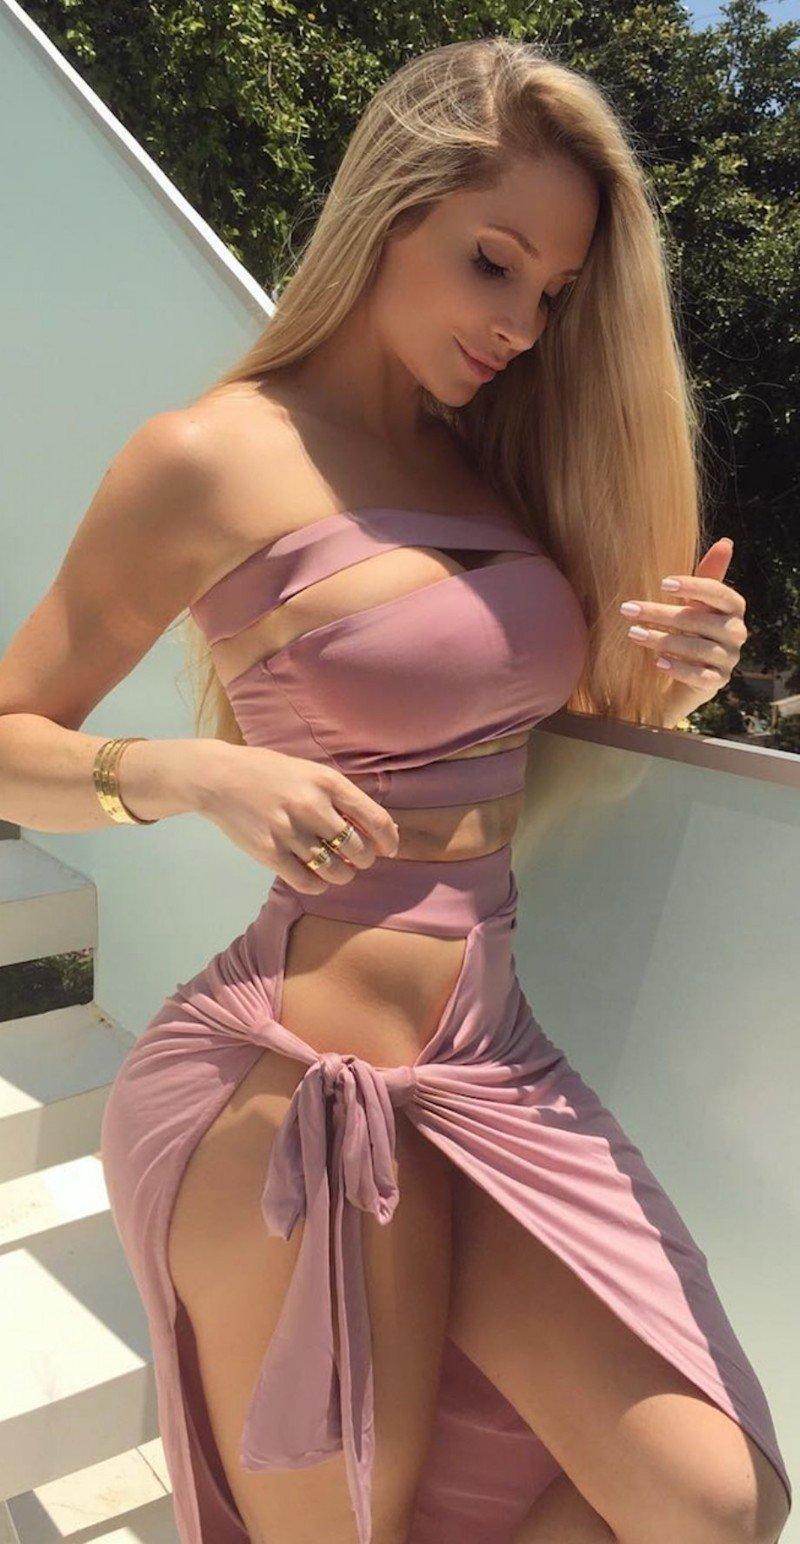 Сексуальные девушки в купальниках и нижнем белье (40 фото)